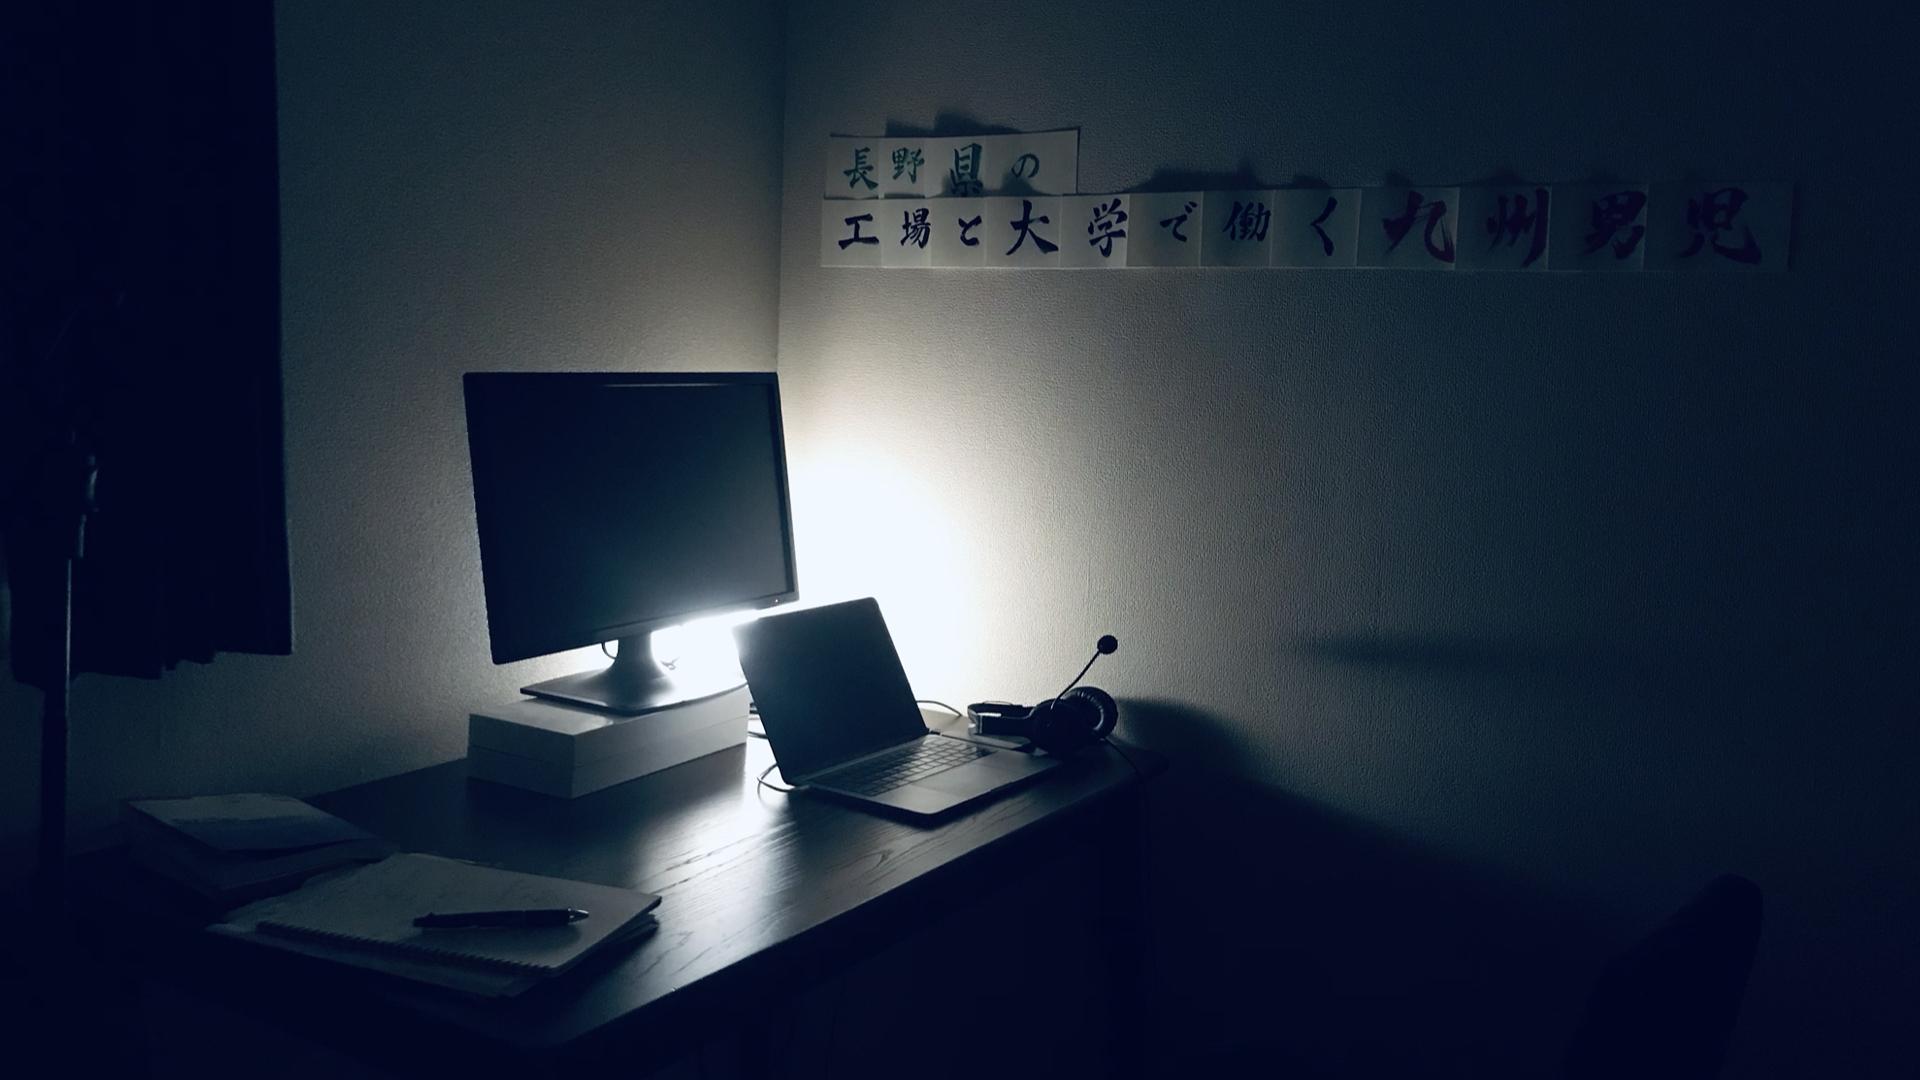 Youtubeの撮影をしている部屋の画像